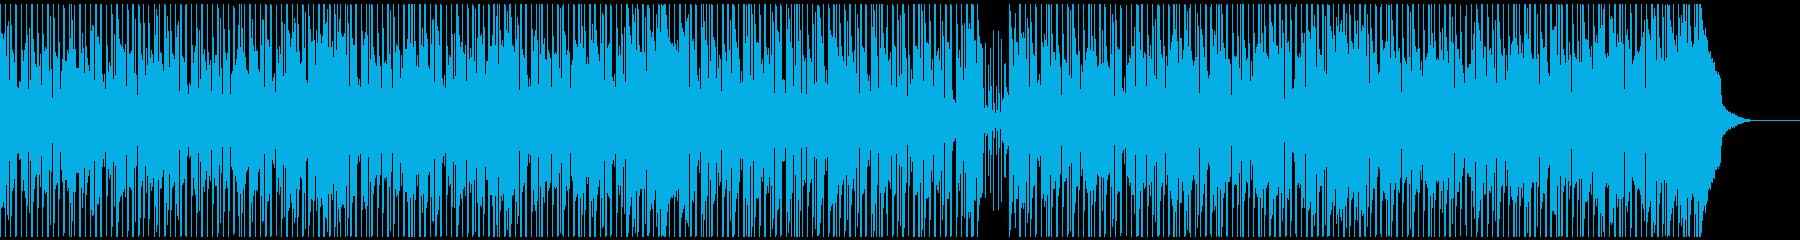 「ほのぼの・爽やか」の場面に向くポップ曲の再生済みの波形